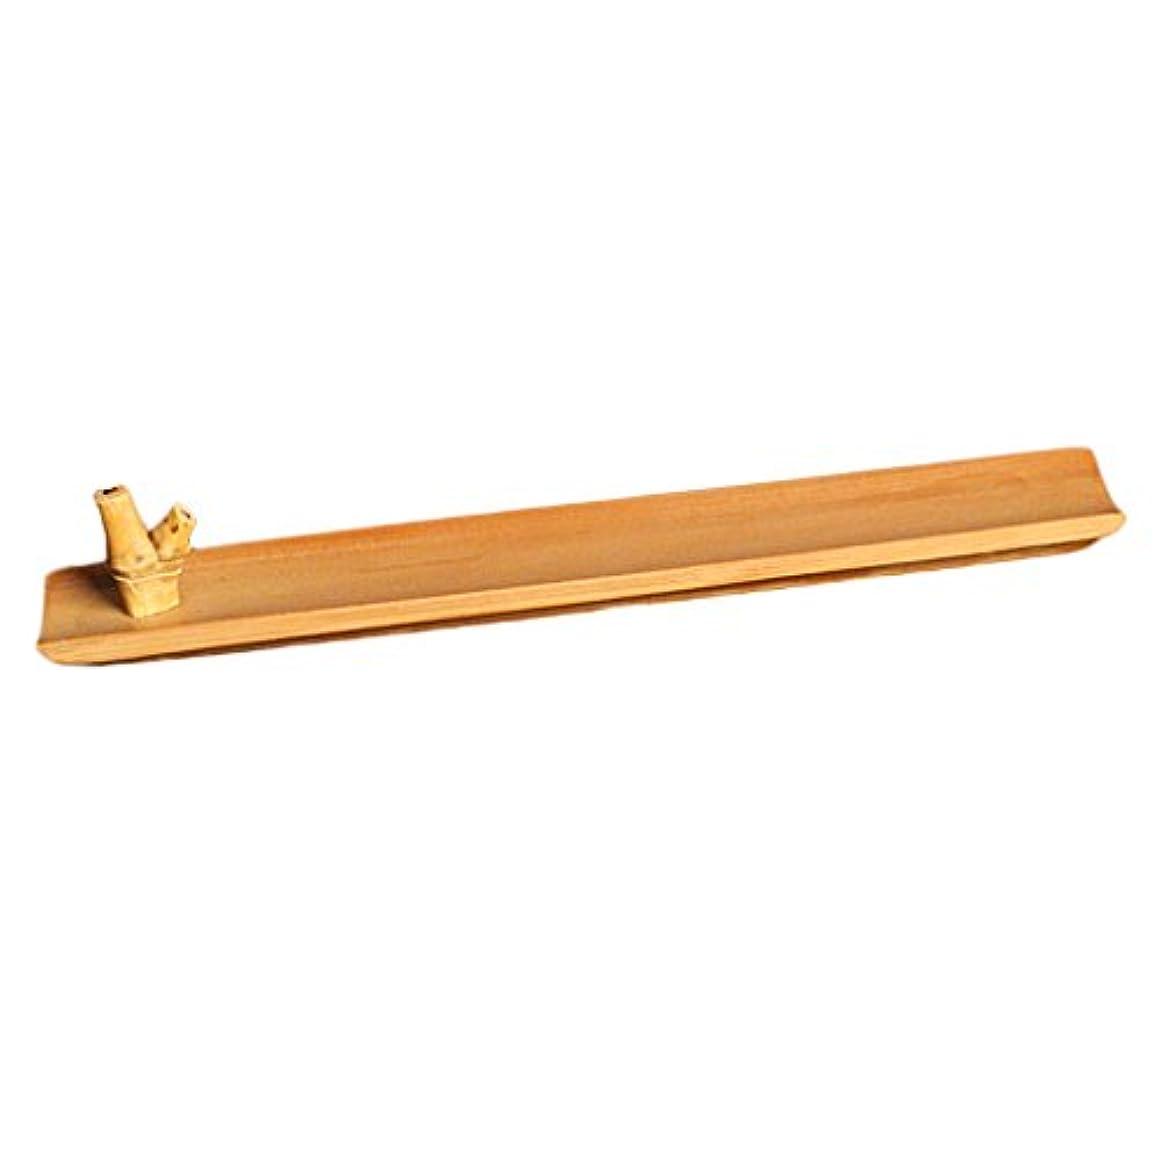 ペンダントリンケージ致死竹 お香立て スティック 香 ホルダー バーナースティック ブラウン 手作り 工芸品 24センチメートル